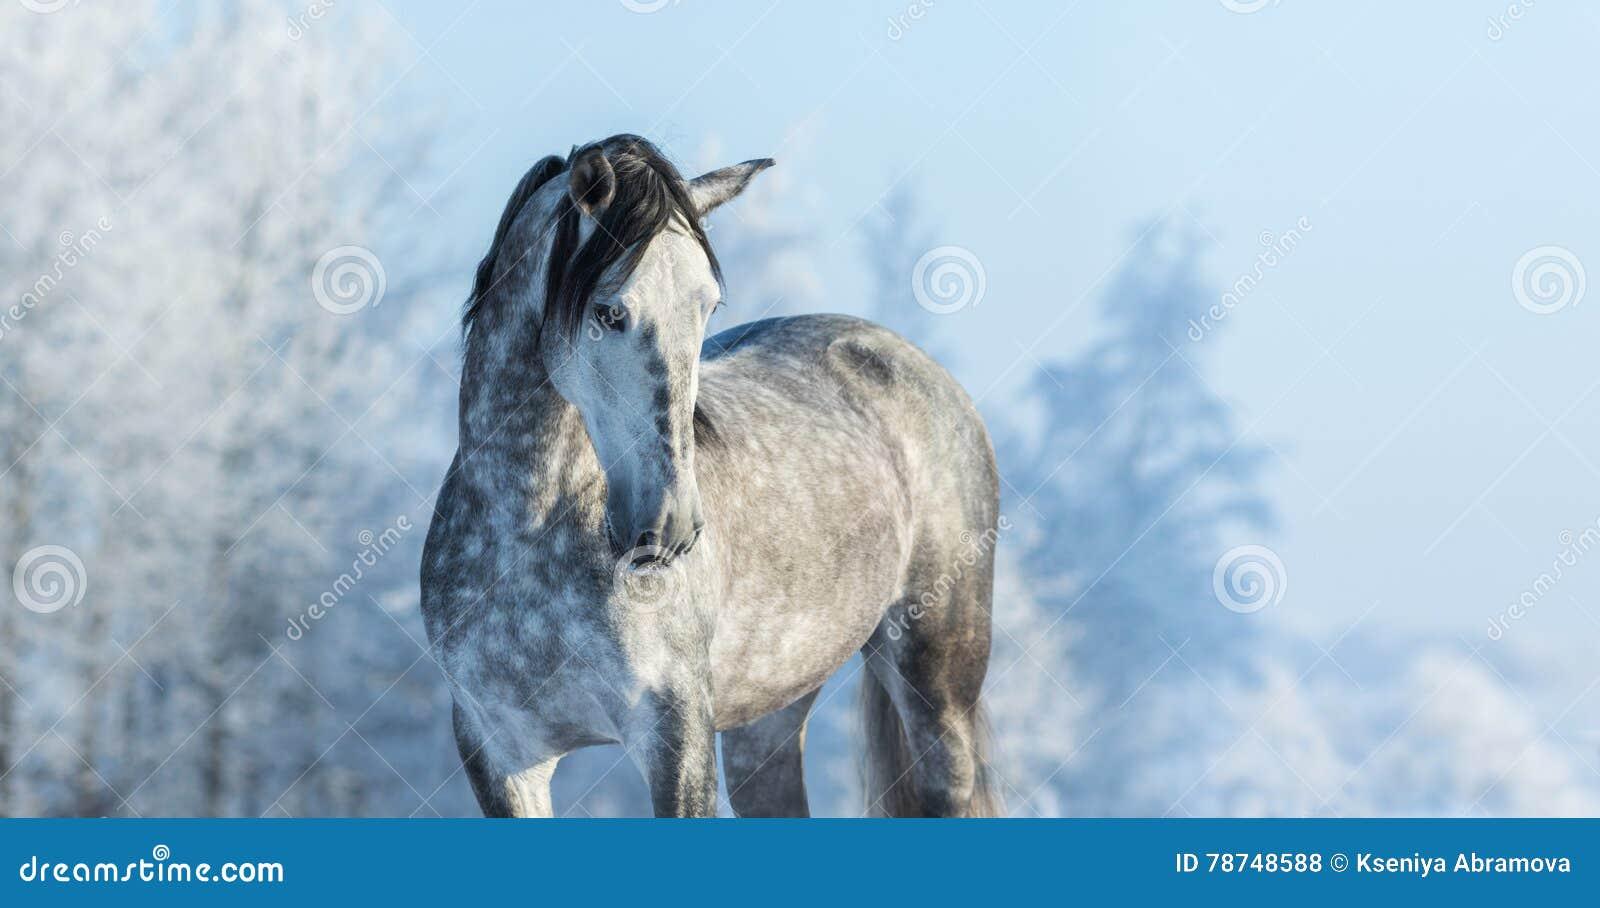 $c-andalusisch volbloed- grijs paard in de winterbos